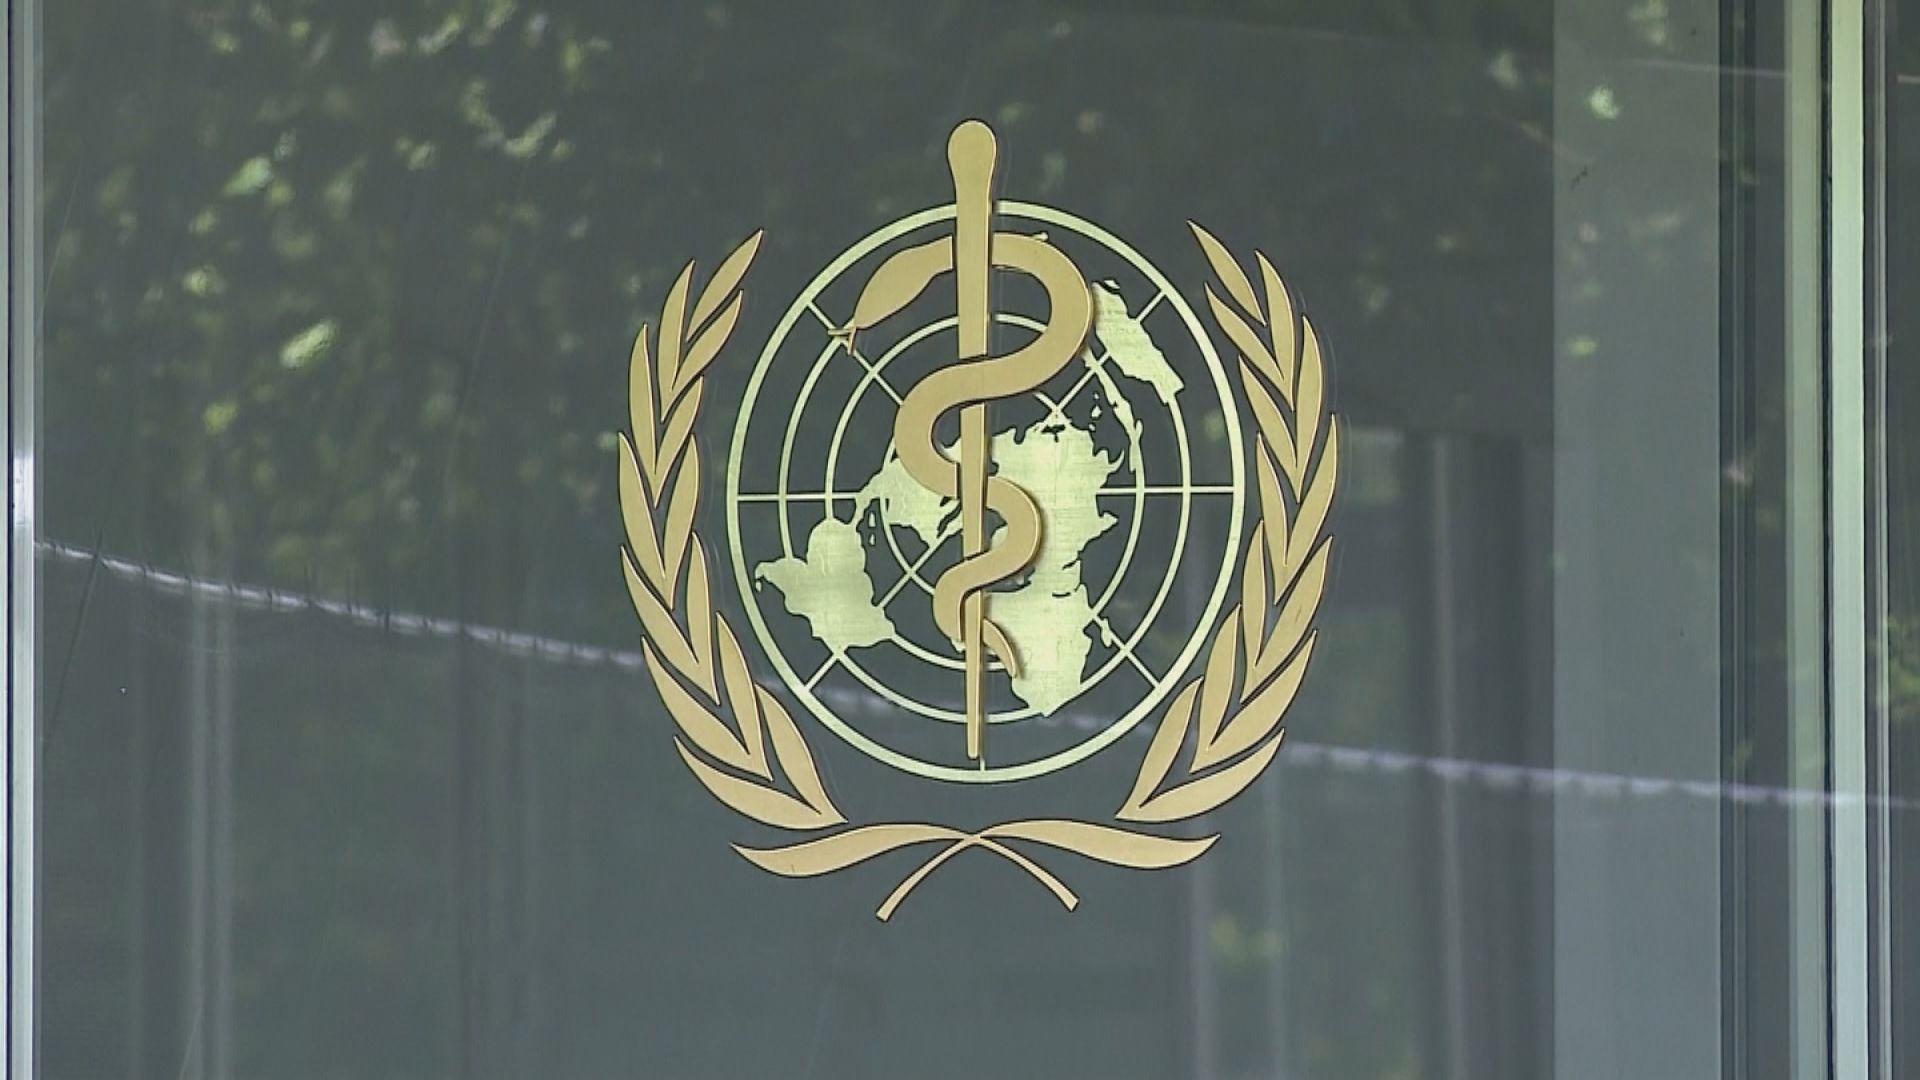 世衛專家:幾乎全球均有麻疹持續增加情況